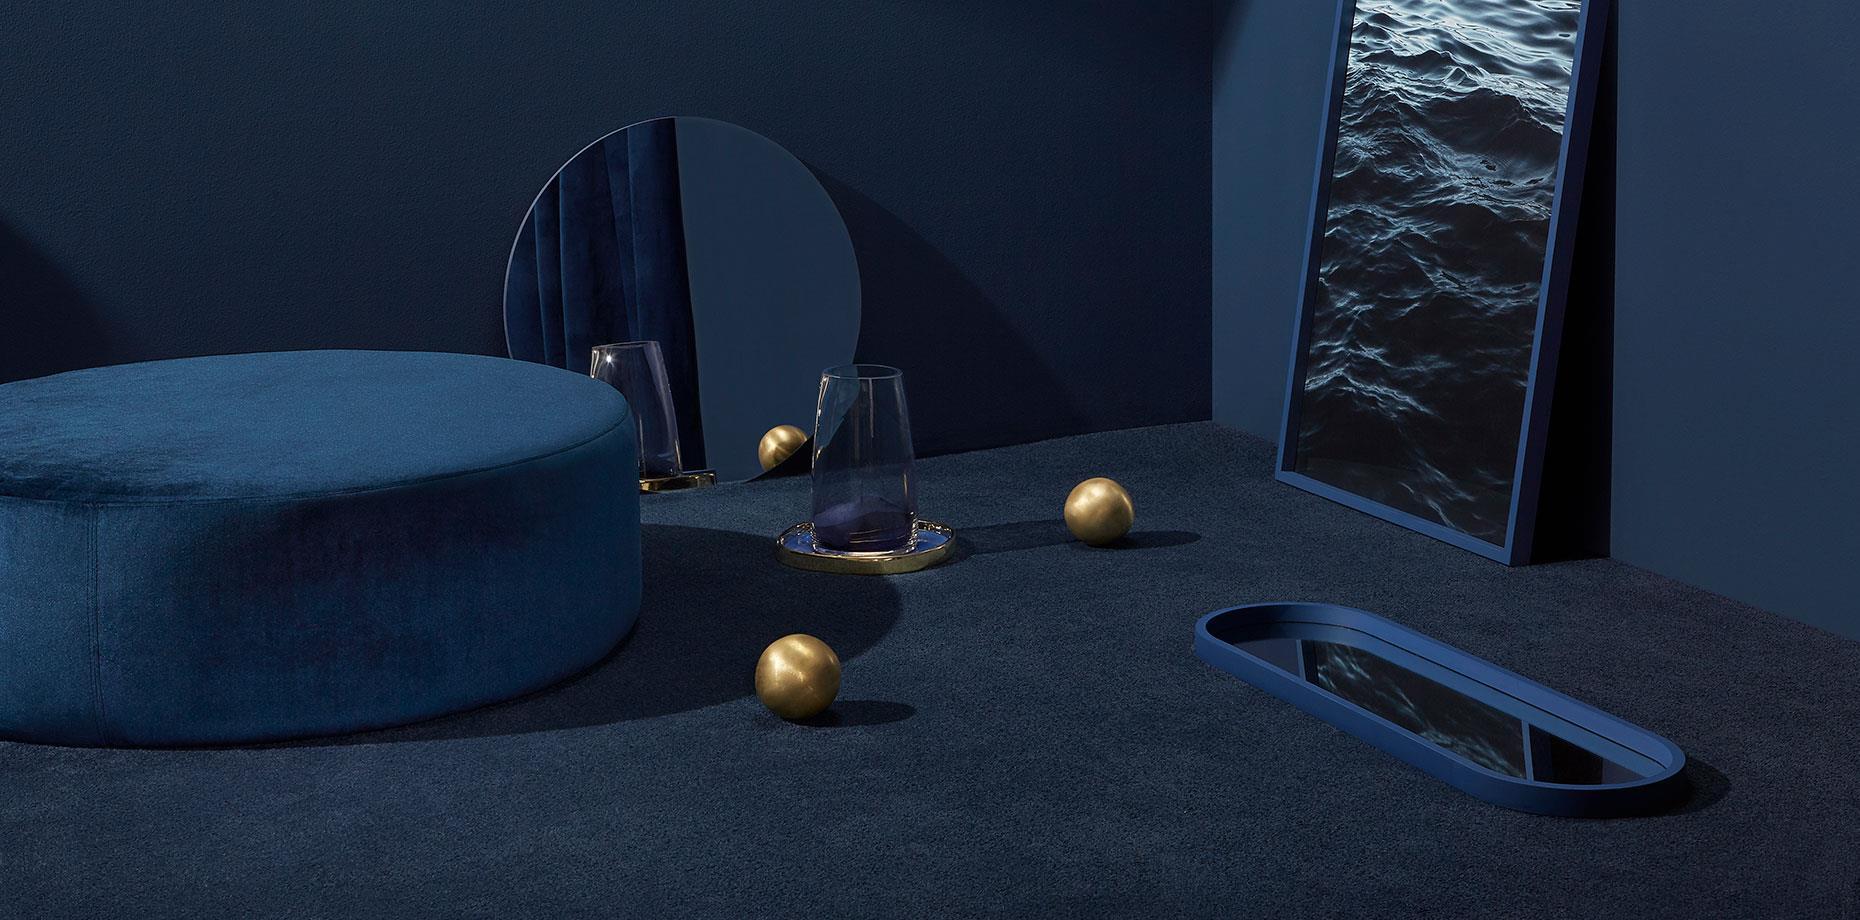 Belgotex Softology Blue